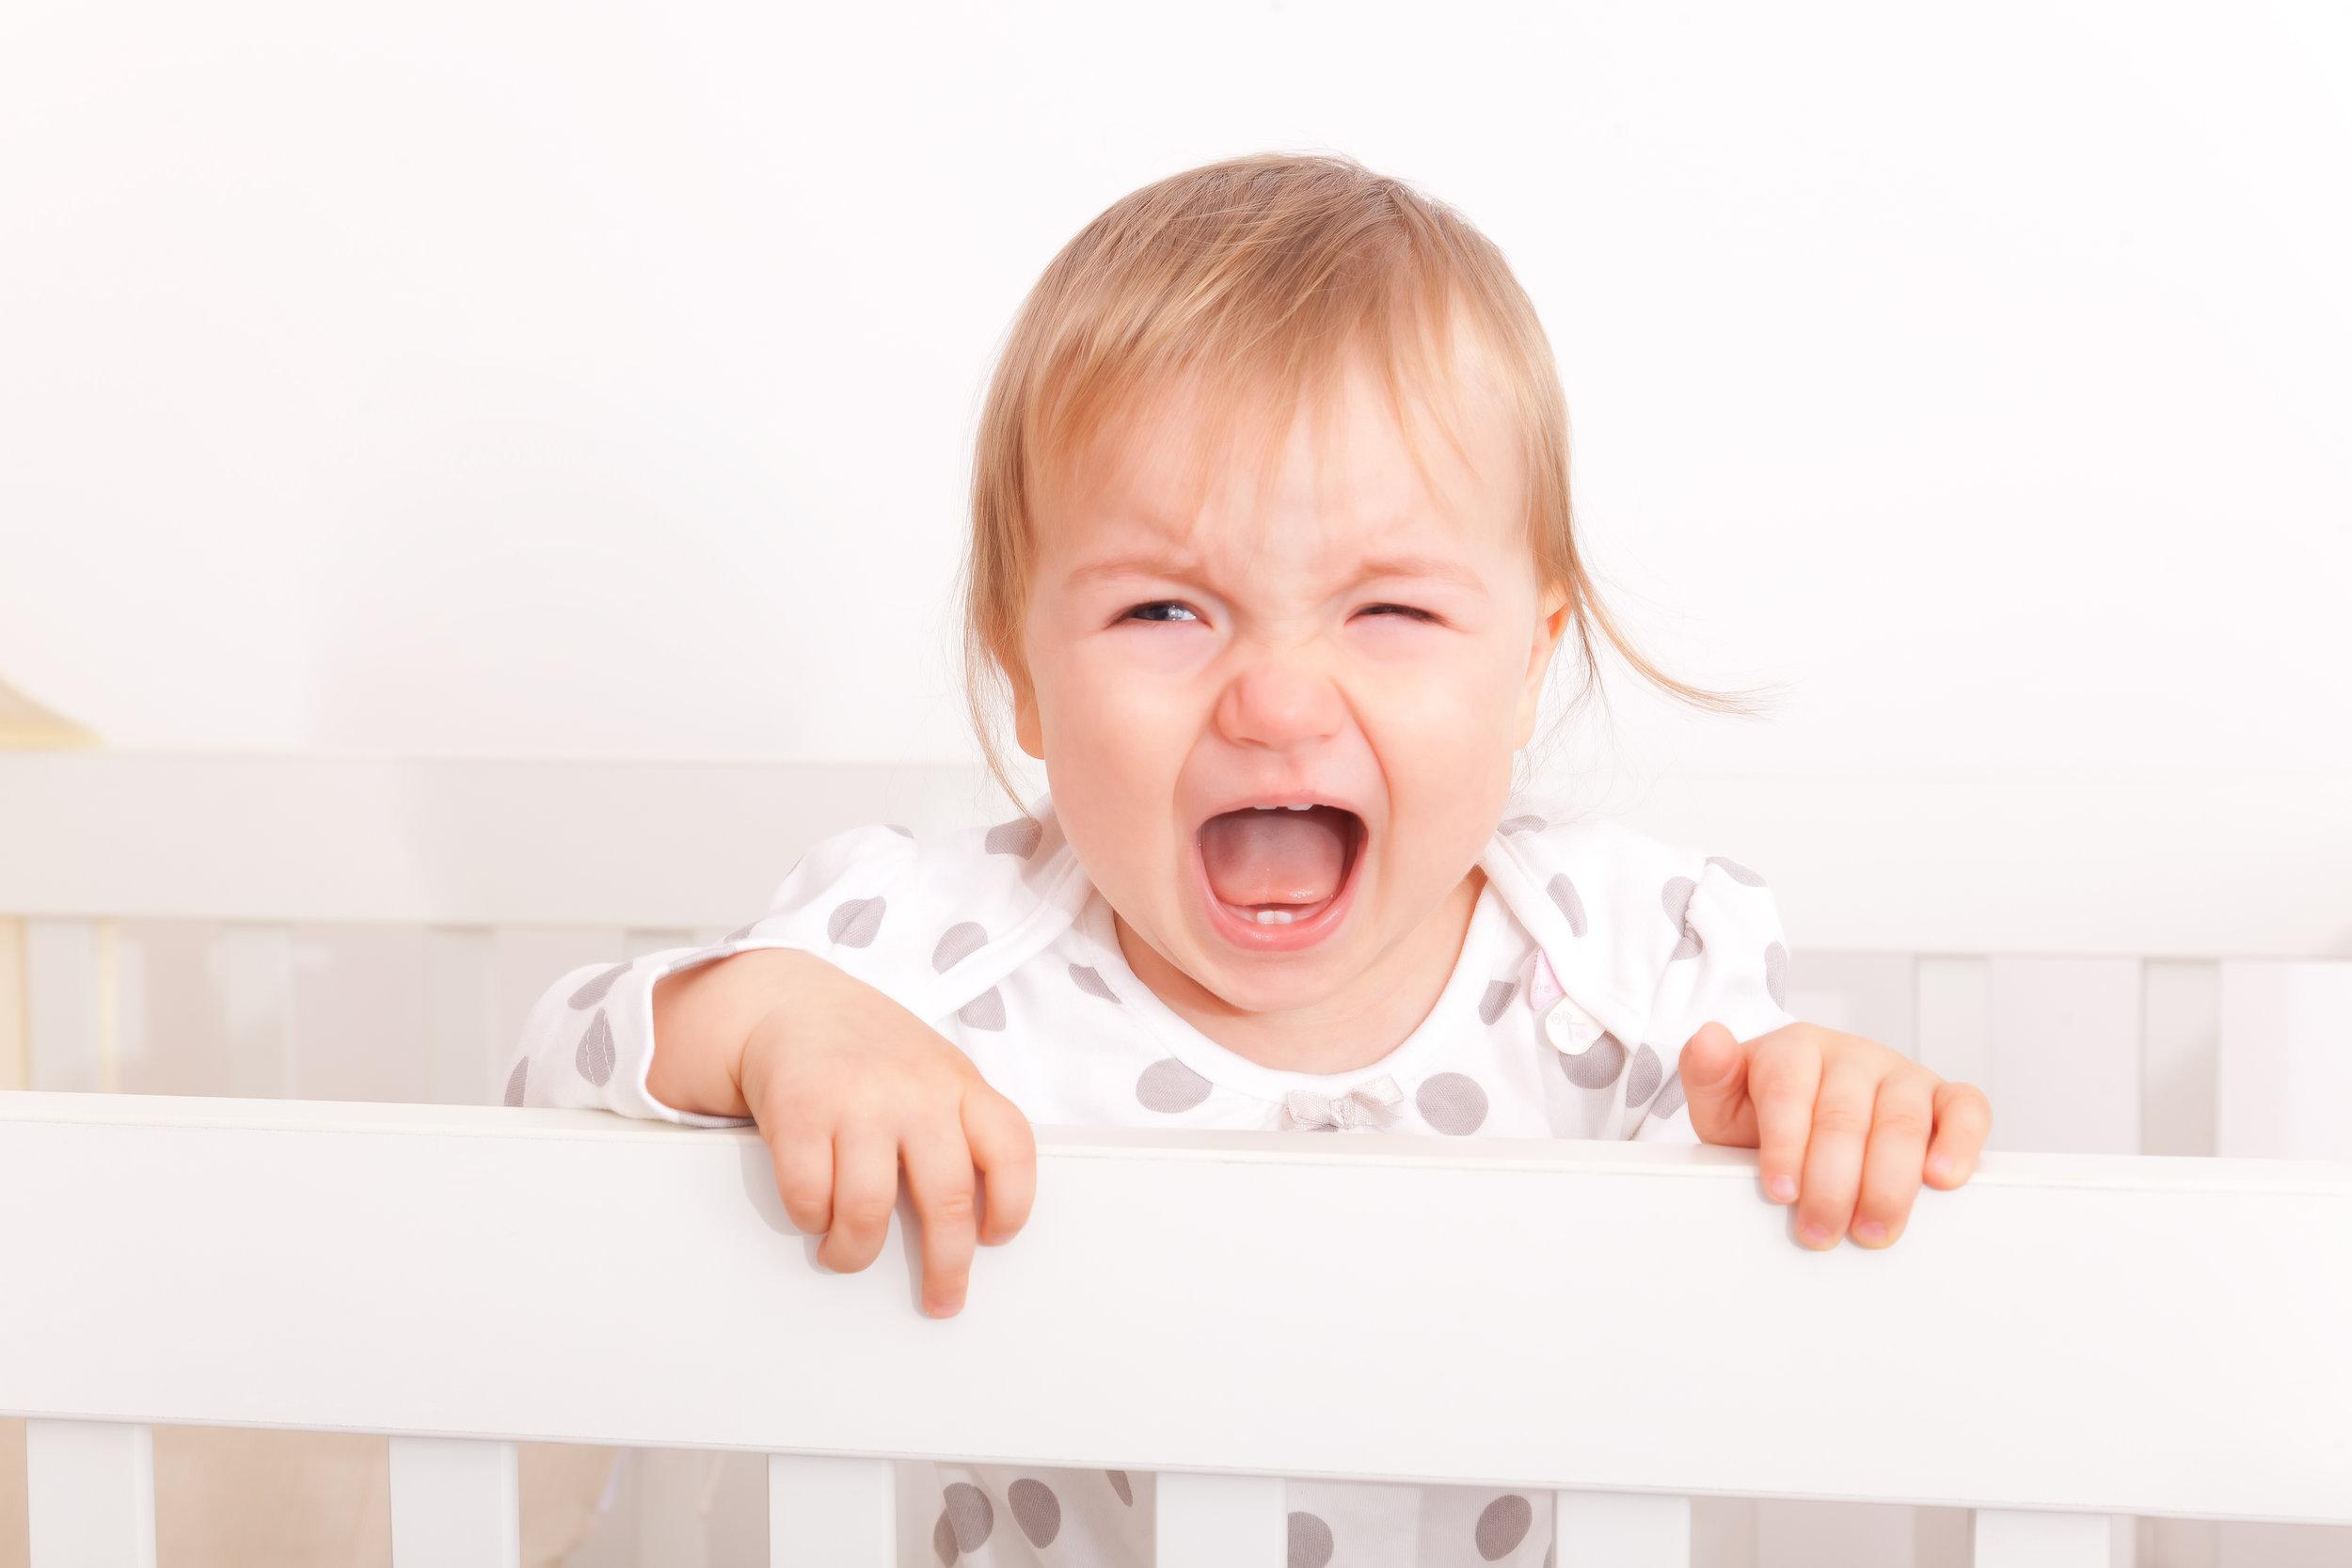 Odchudzanie w okresie dojrzewania - Na pytanie odpowiada dr n. med. Aneta Kościołek | Mangosteen